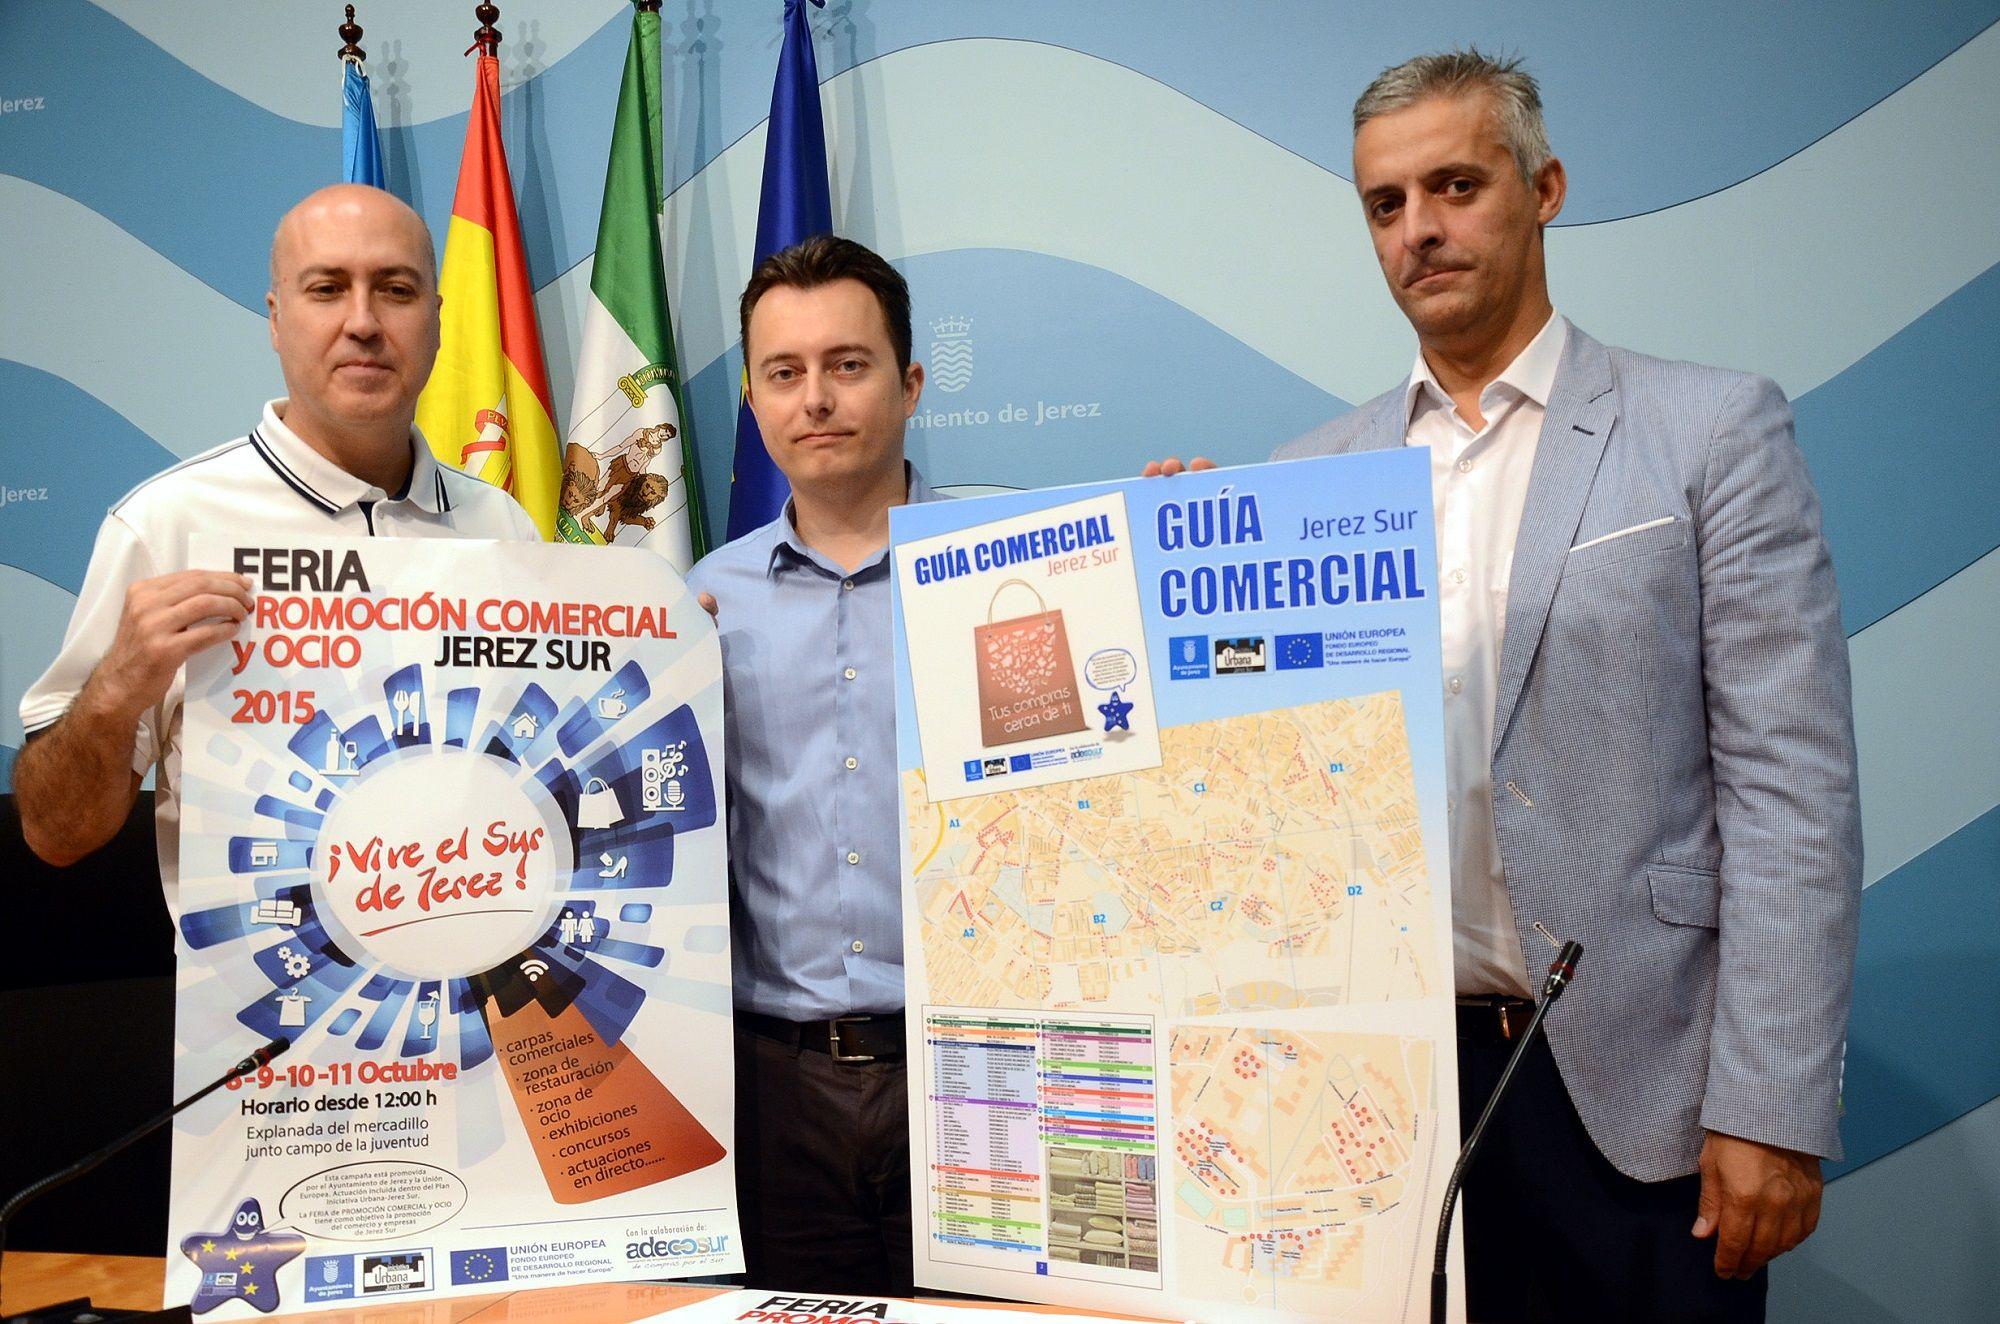 Presentación de ambas actividades en el Ayuntamiento de Jerez